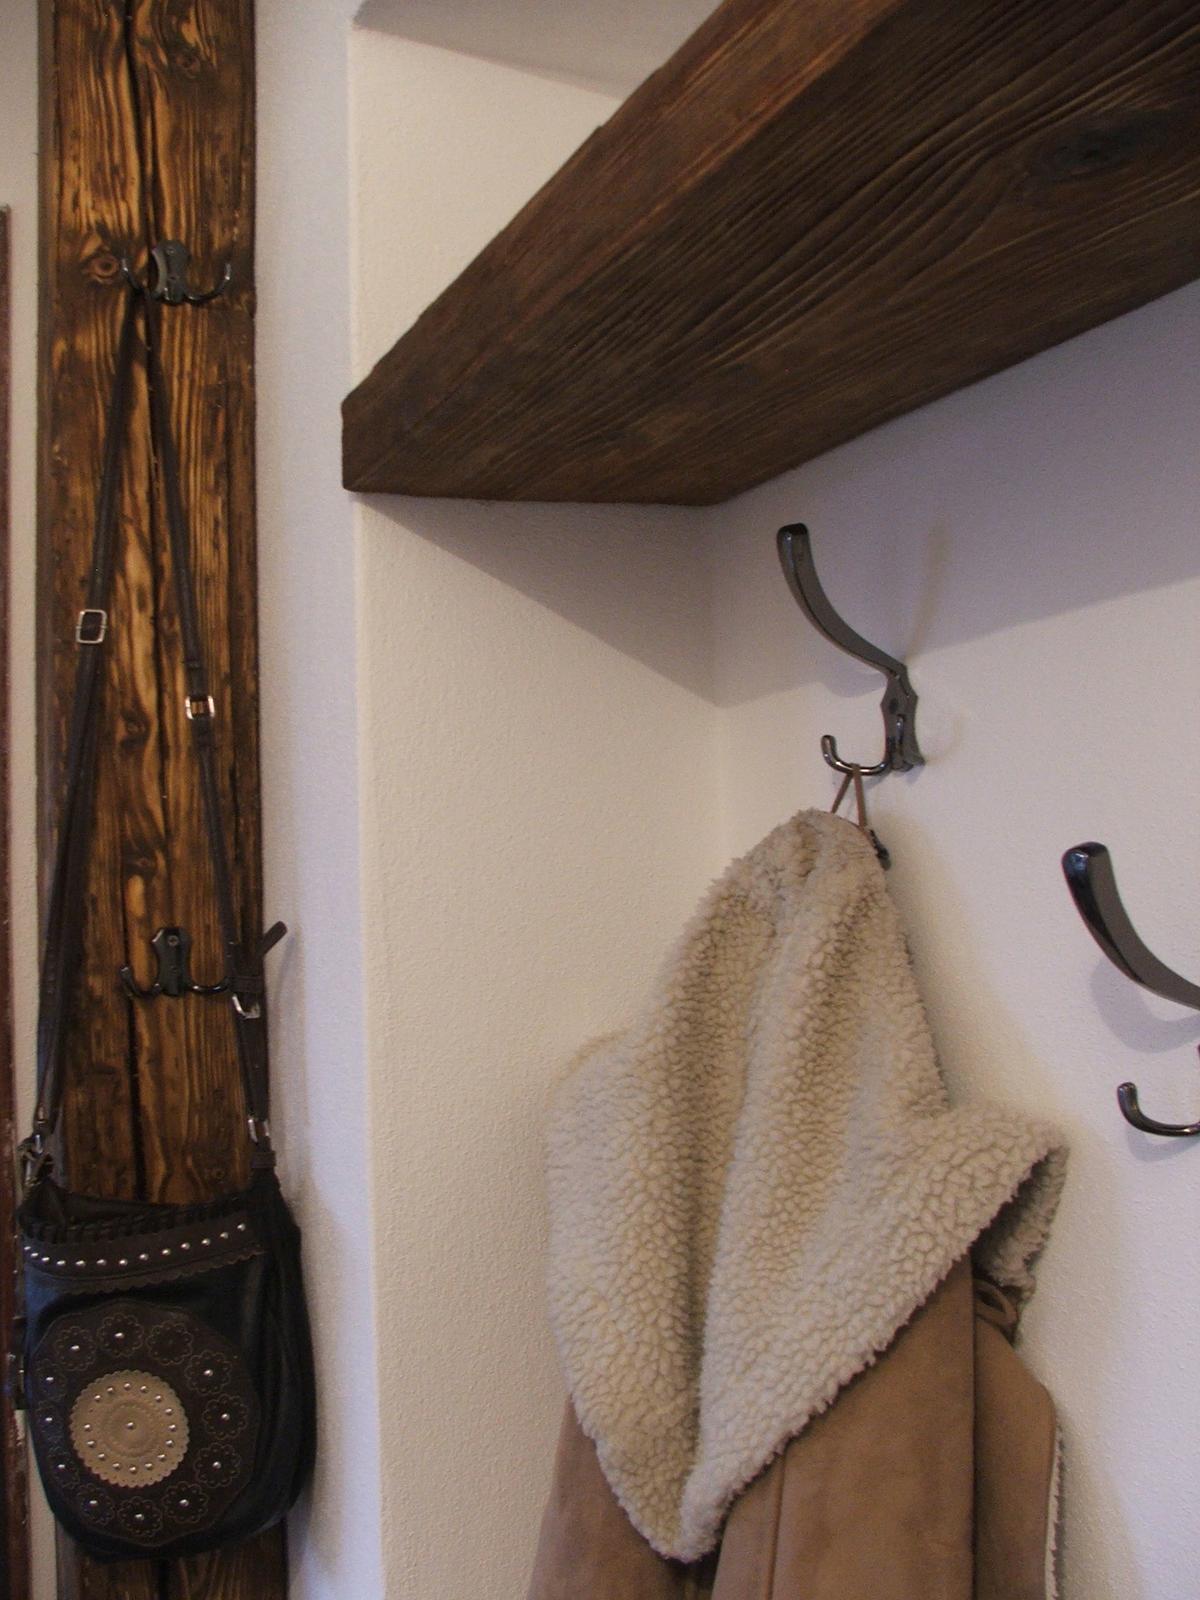 Domov - Stĺp bude len ako prídavný vešiak... keď príde návšteva a tak, aby neboli kabáty po stoličkách v dome :)